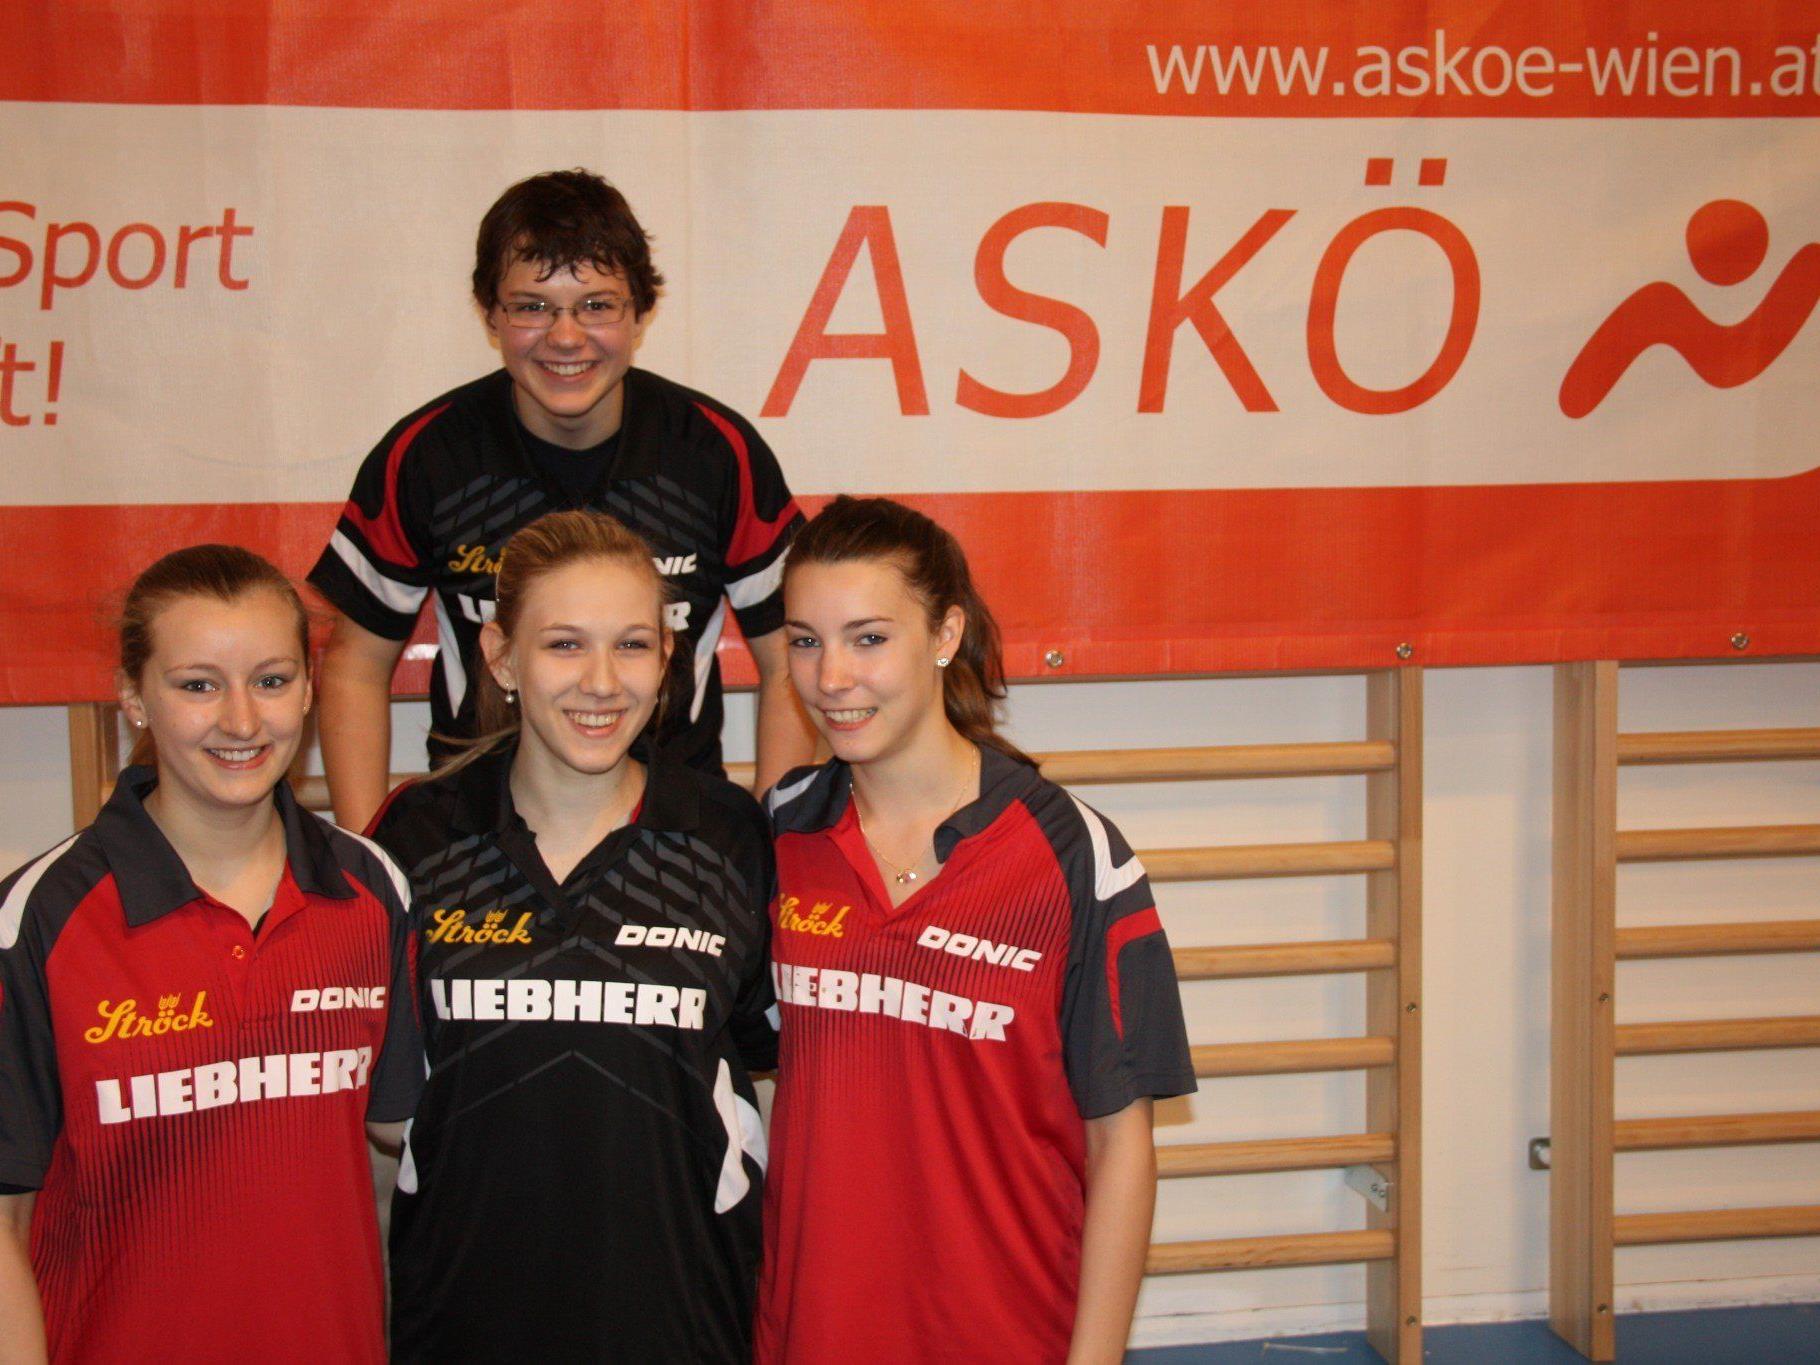 Oben: David Klaus, unten v.l.n.r.: Sandra Fuchs, Sophia Kellermann, Karoline Mischek